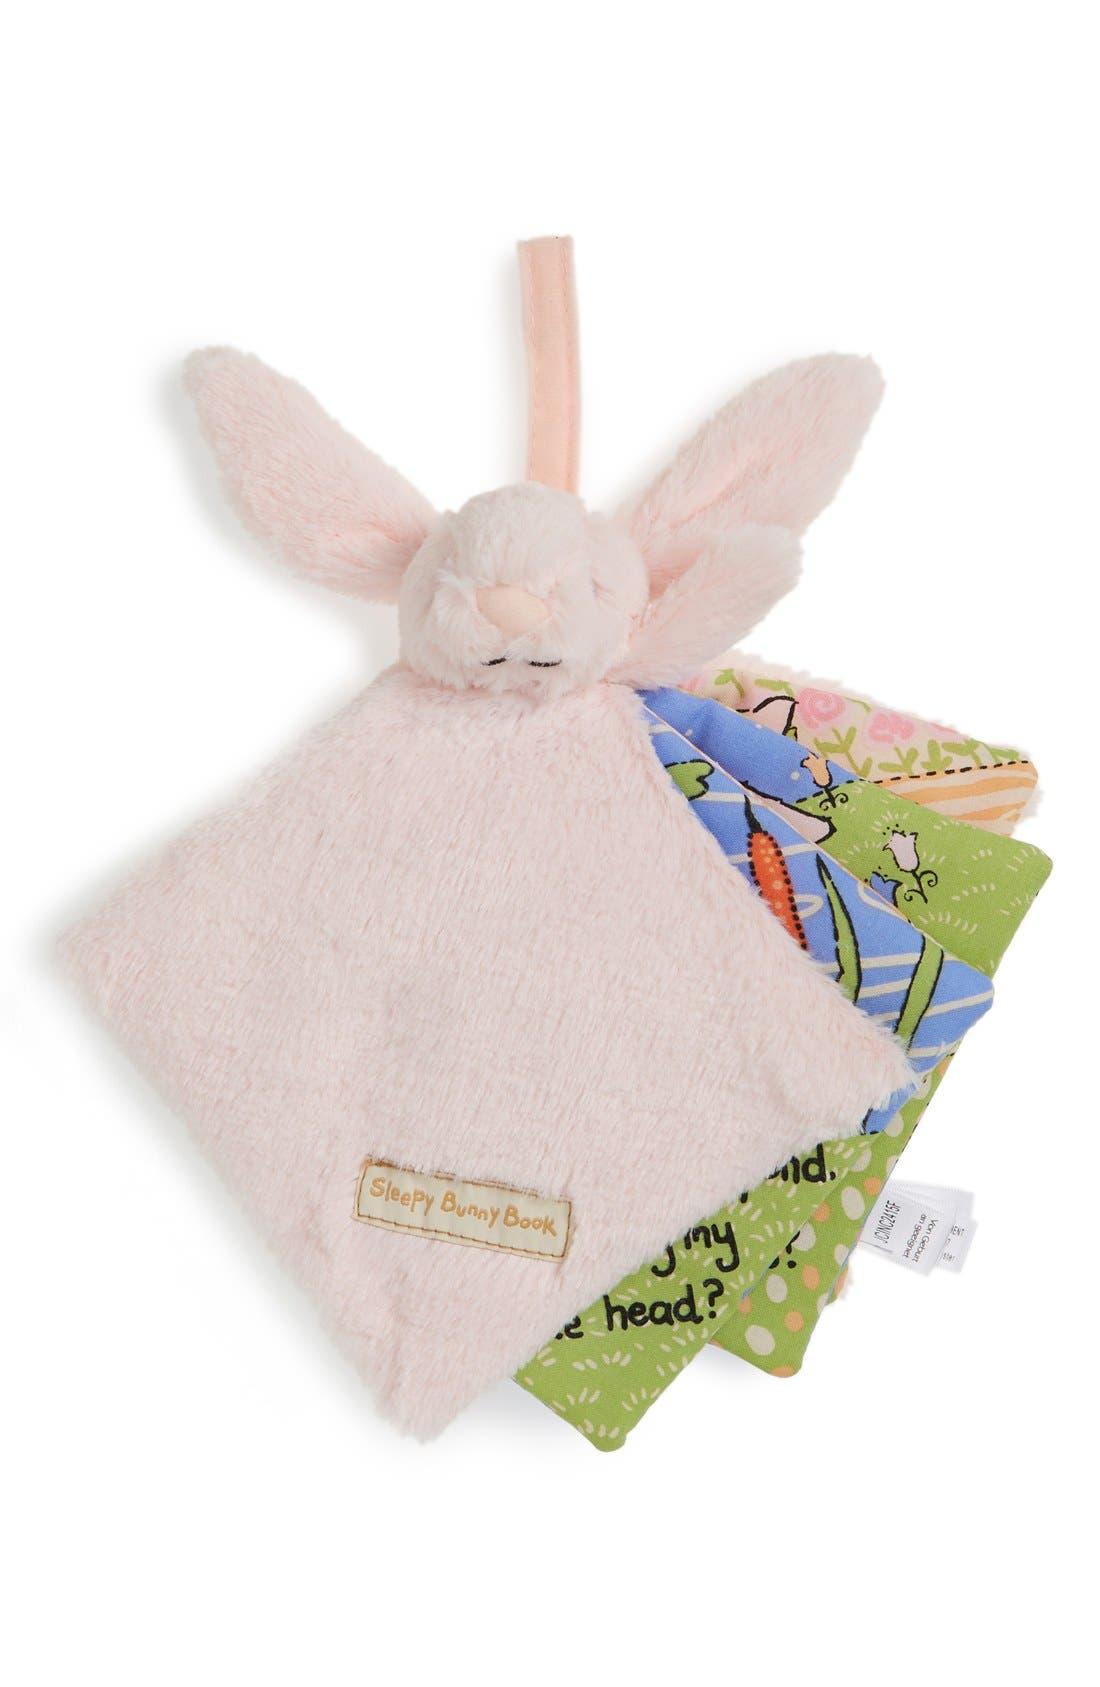 'Sleepy Bunny' Soft Fabric Book,                         Main,                         color,